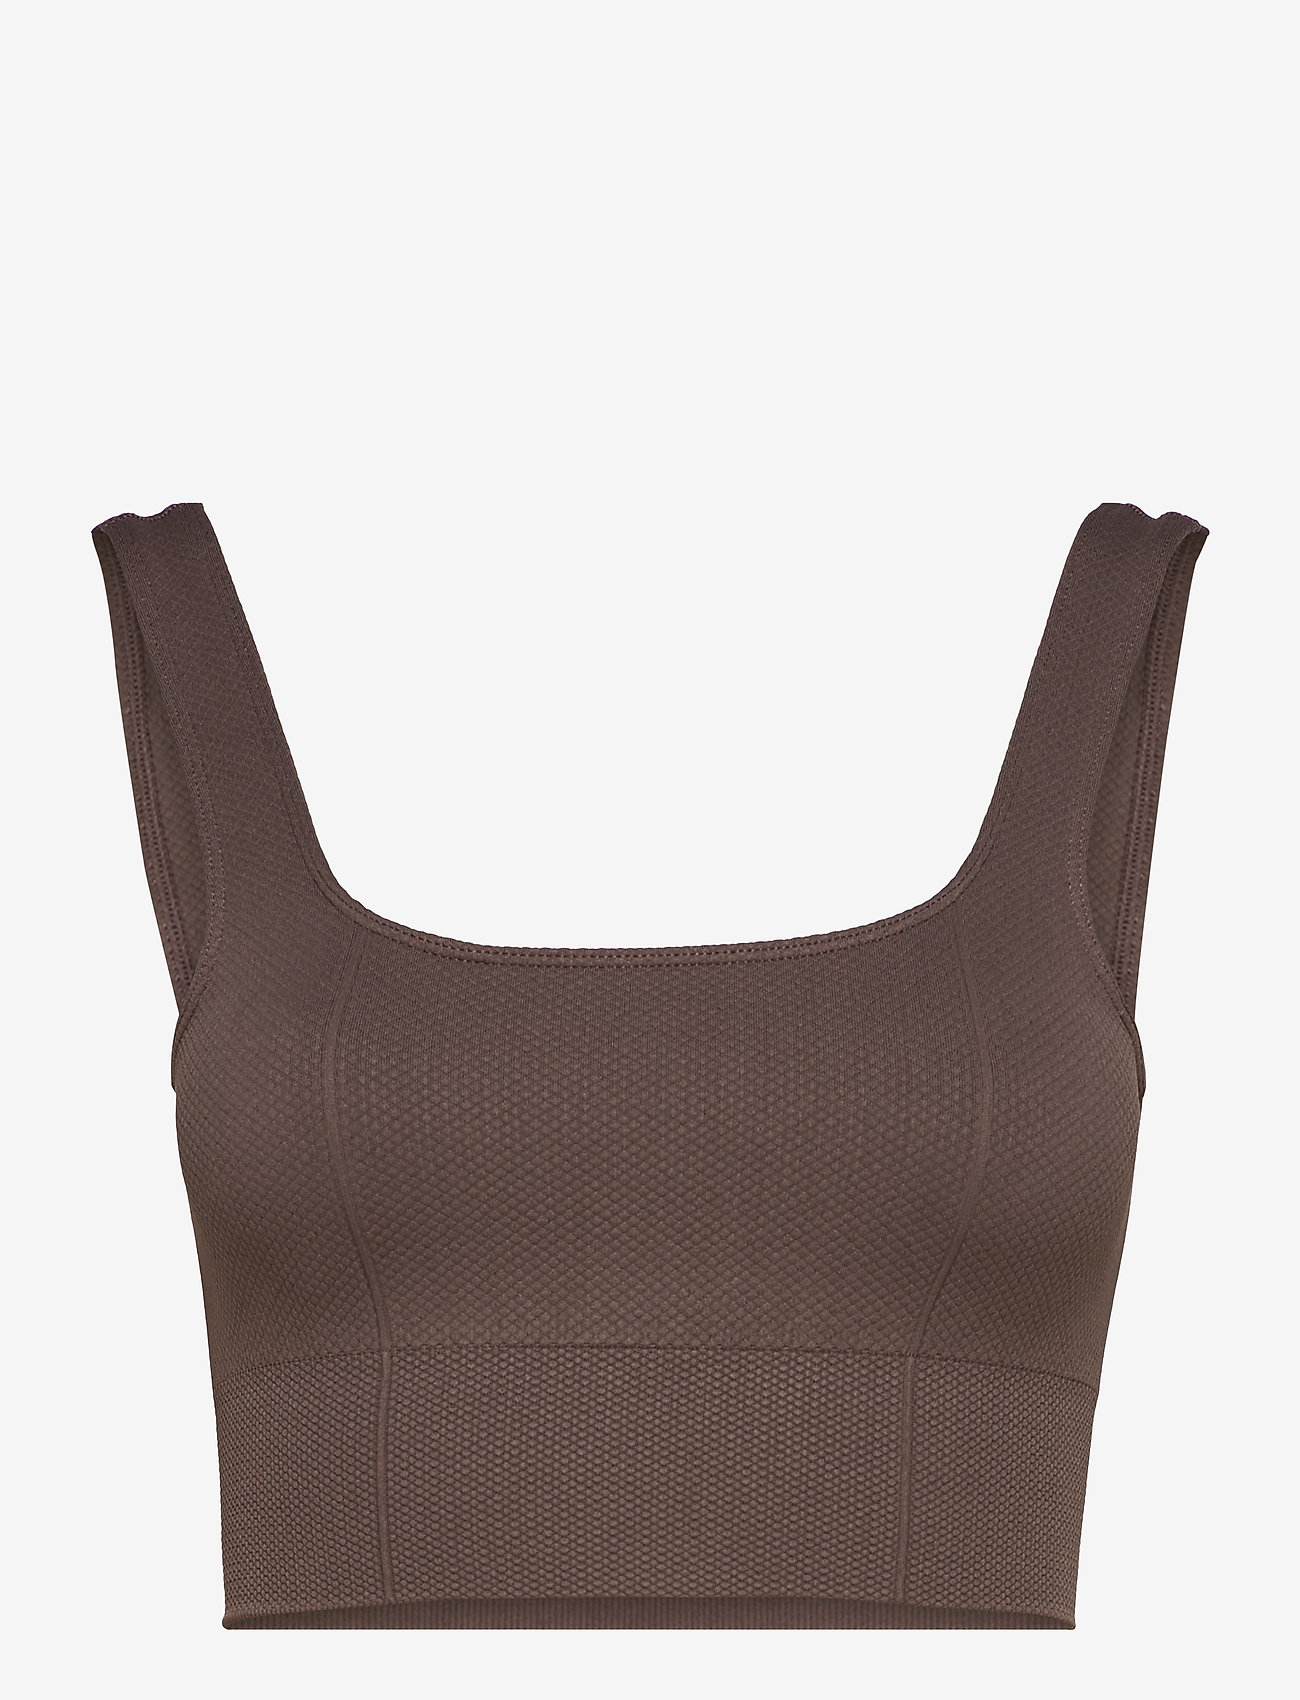 AIM'N - Macchiato Luxe Seamless Bra - sport bras: low support - macchiato - 1